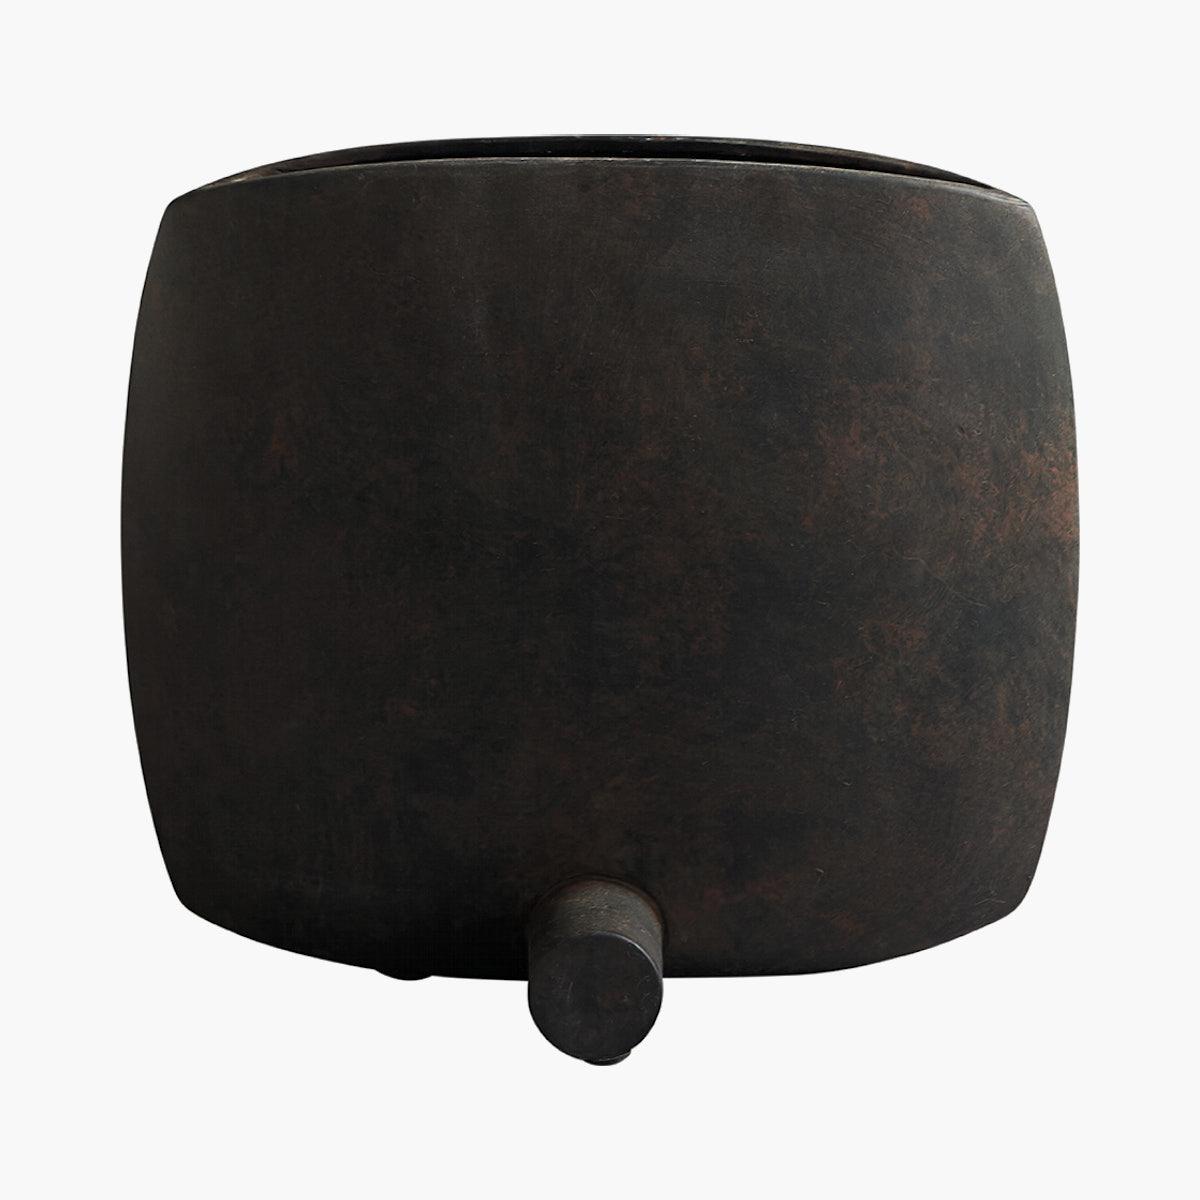 Guggenheim Vase, Square